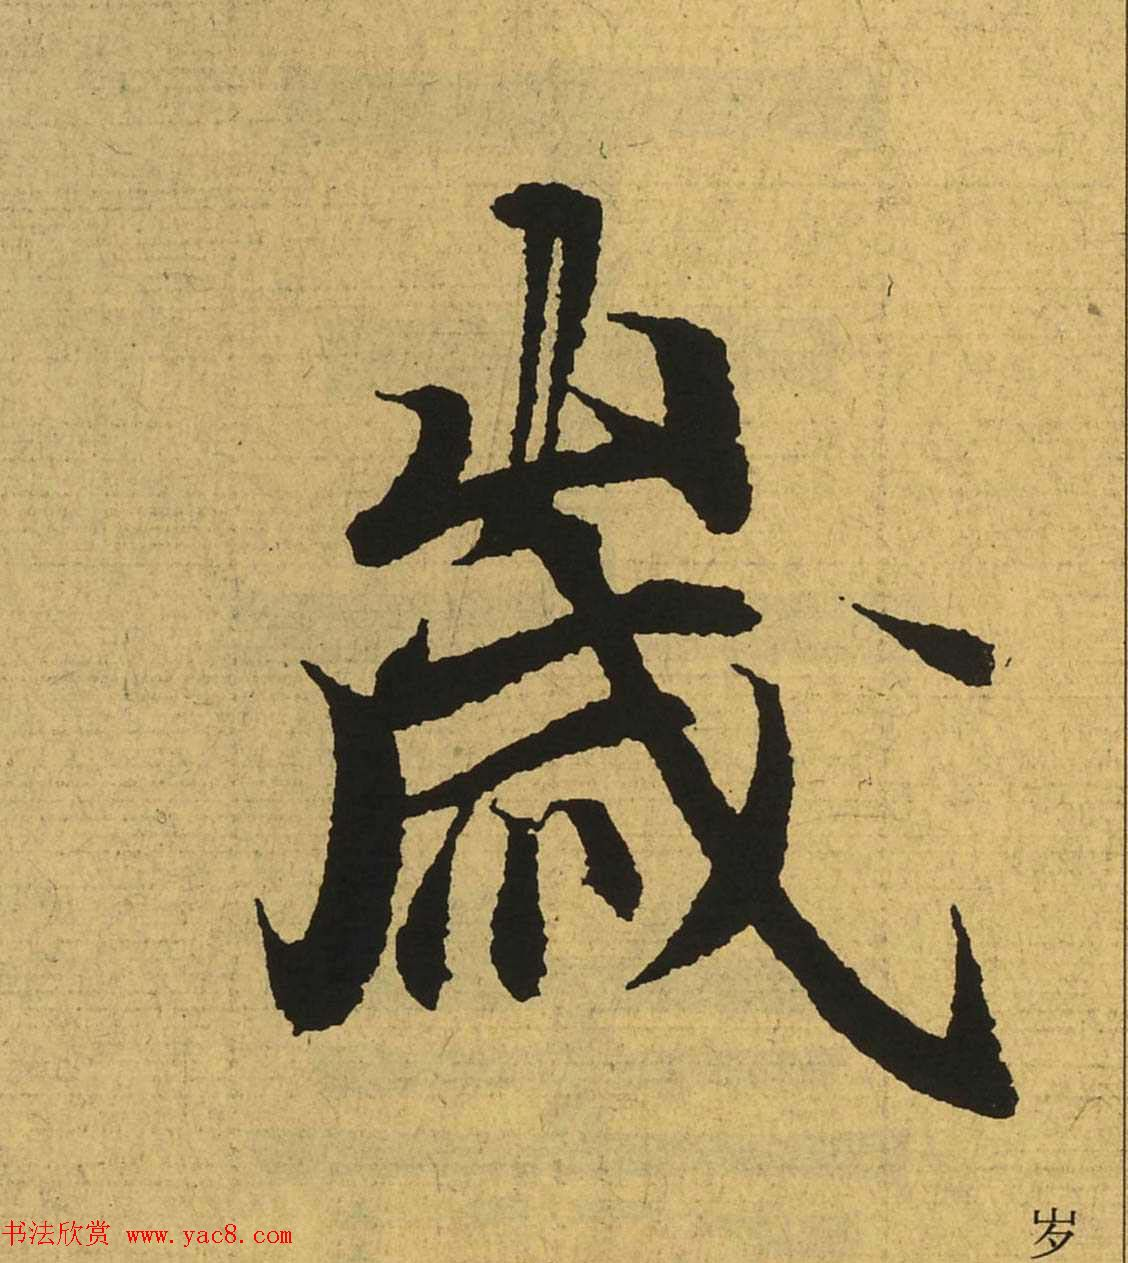 王羲之兰亭集序全文单字高清放大字帖